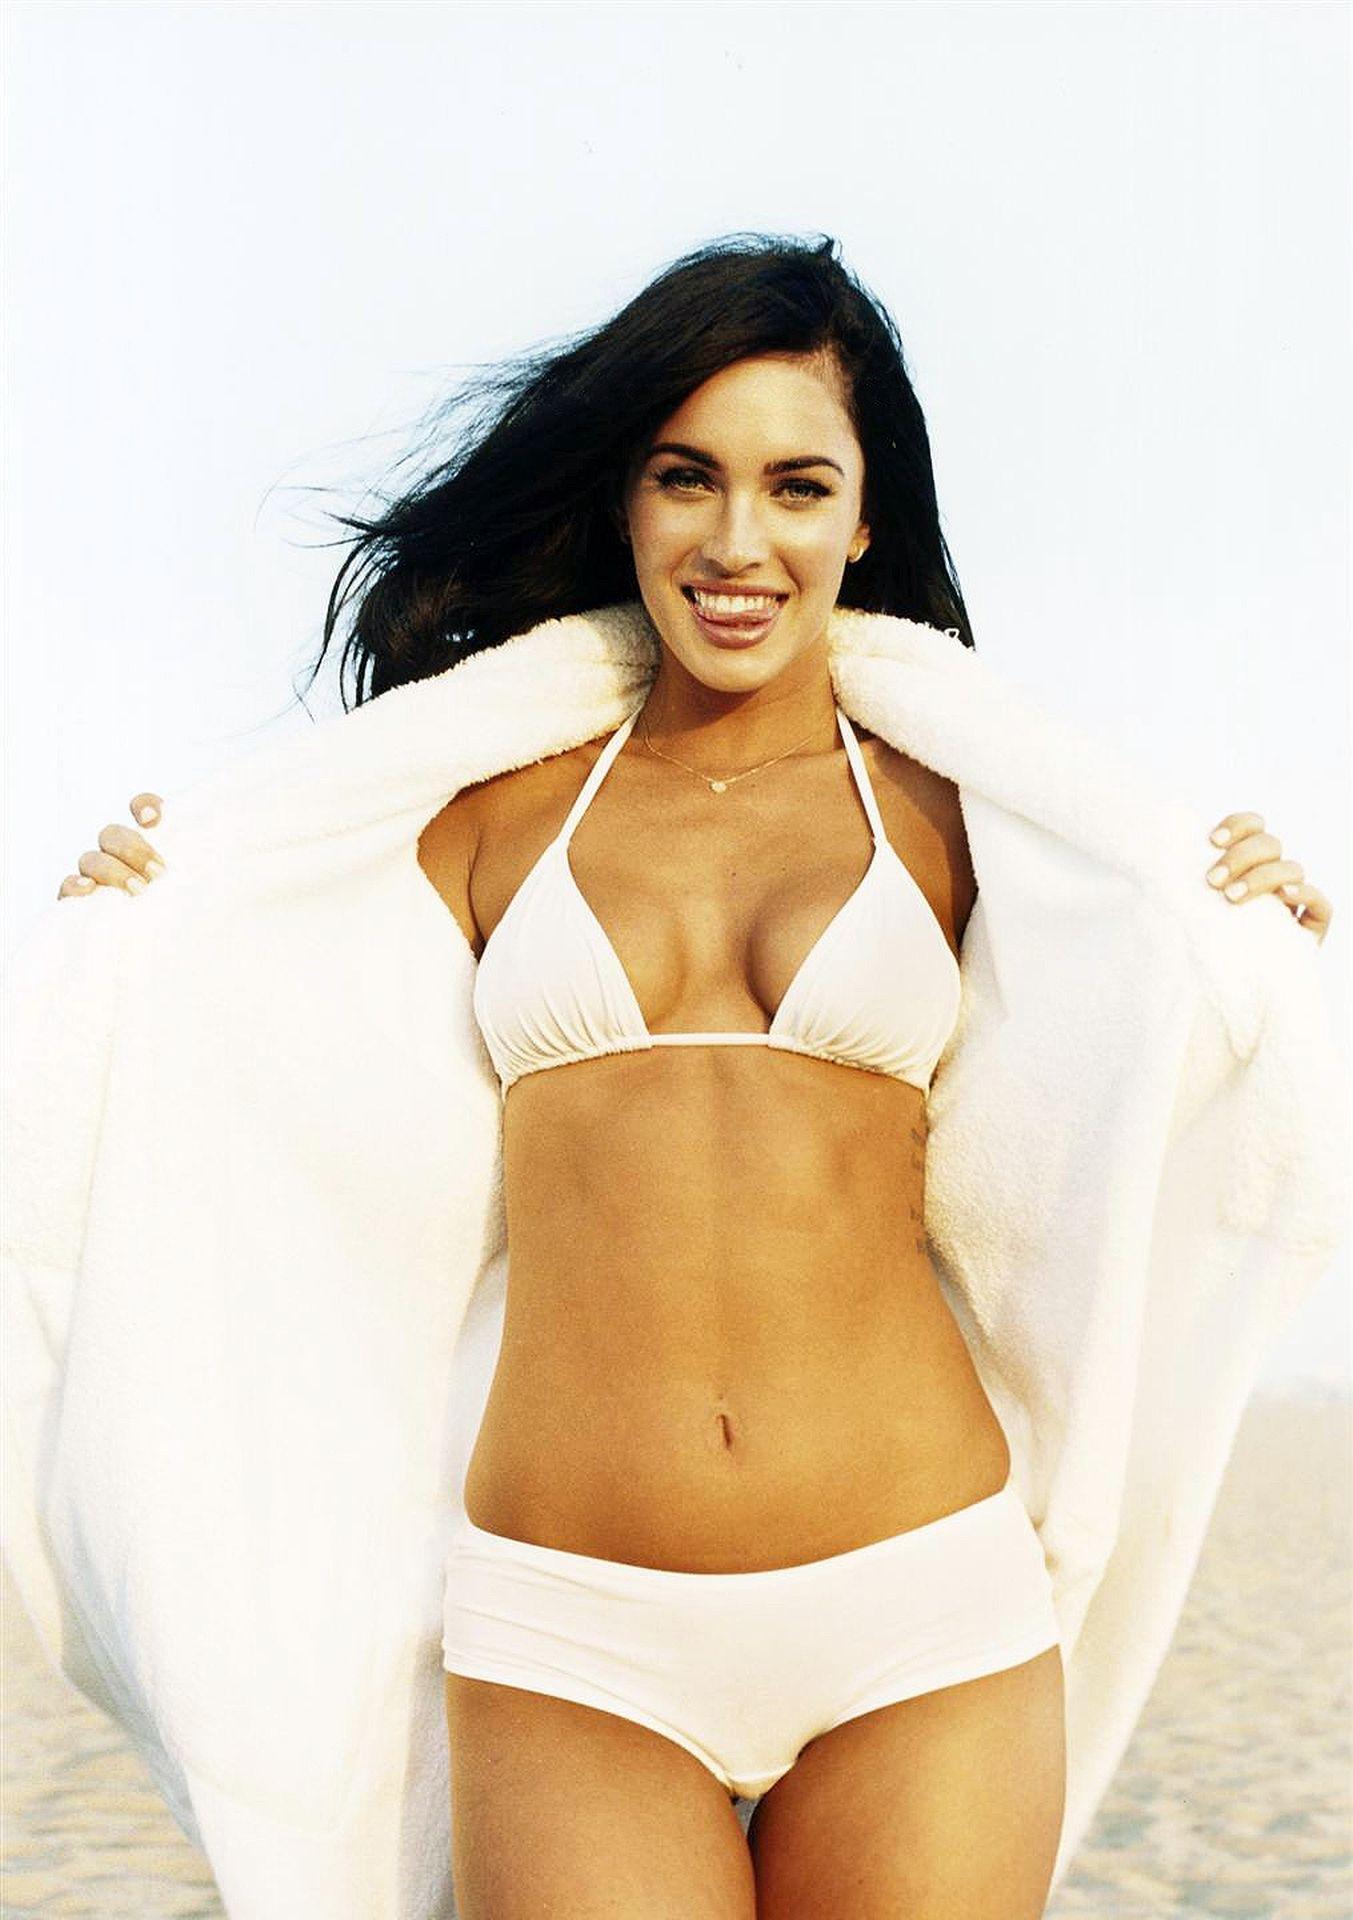 Меган Фокс фотосессии в журналах Maxim, GQ, FHM, Esquire ... эмма уотсон фильмография